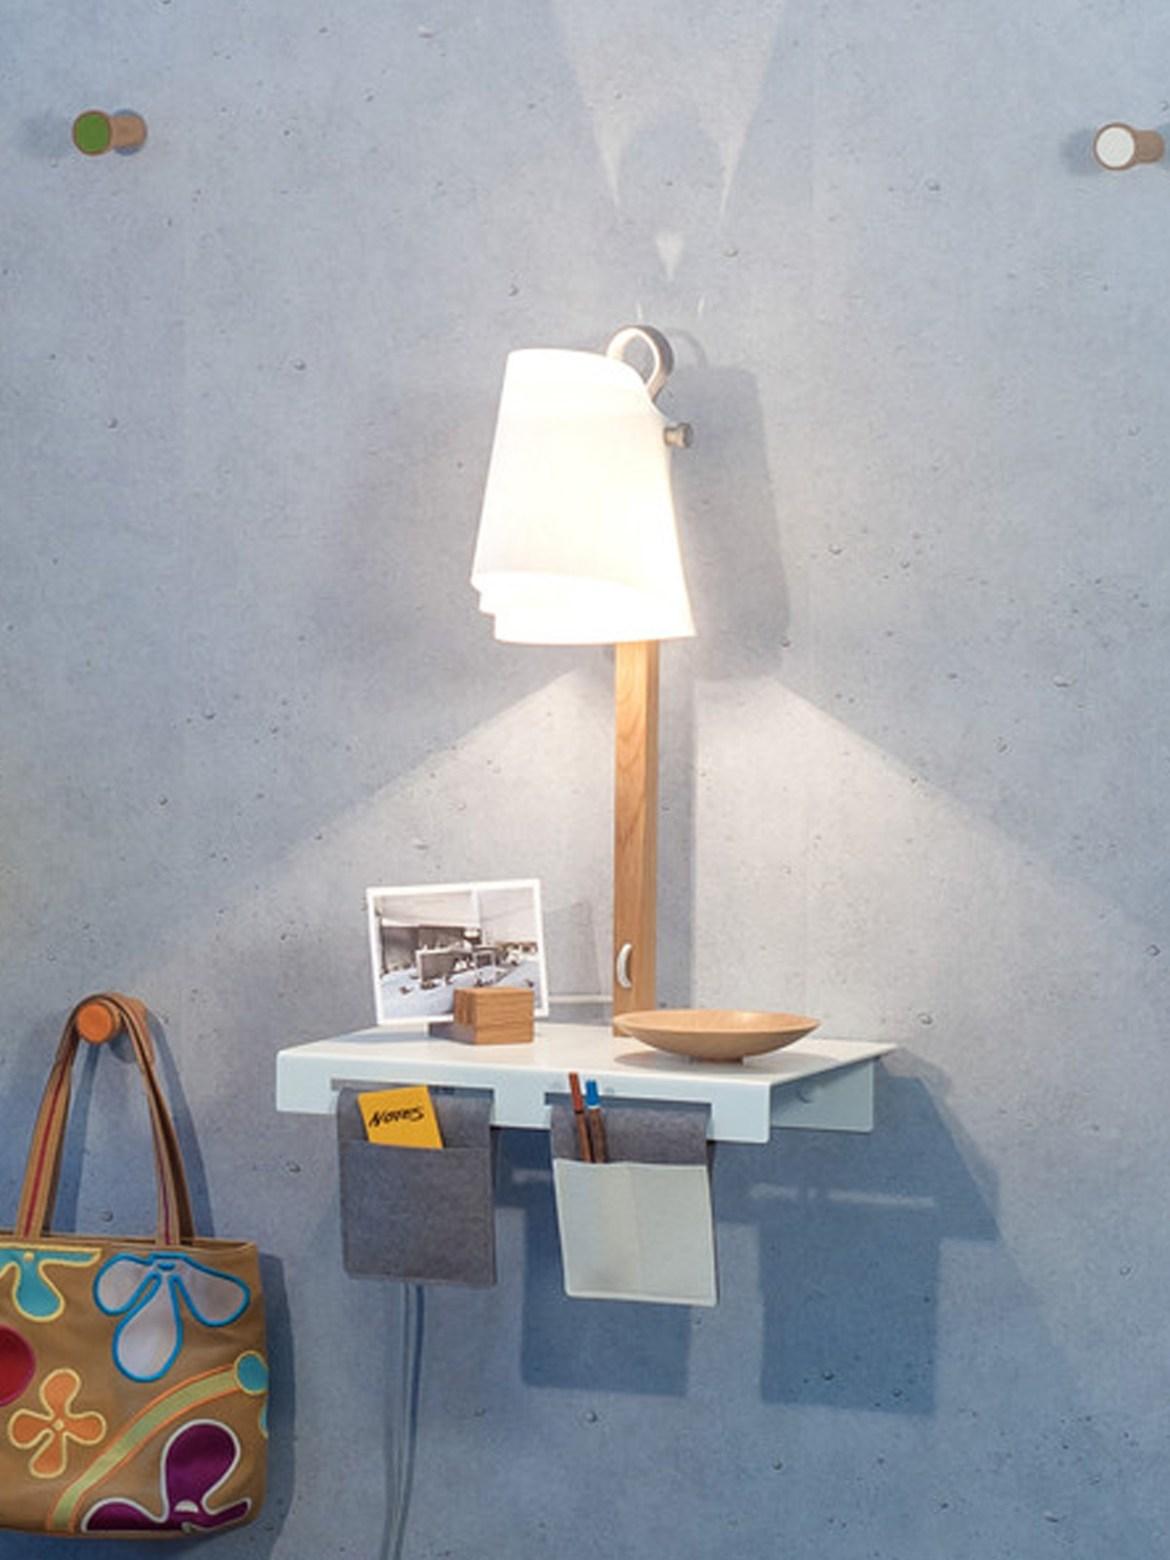 DesignOrt Blog: Ausgefallene Designerleuchten Wandlampe mit Regal Domus Licht